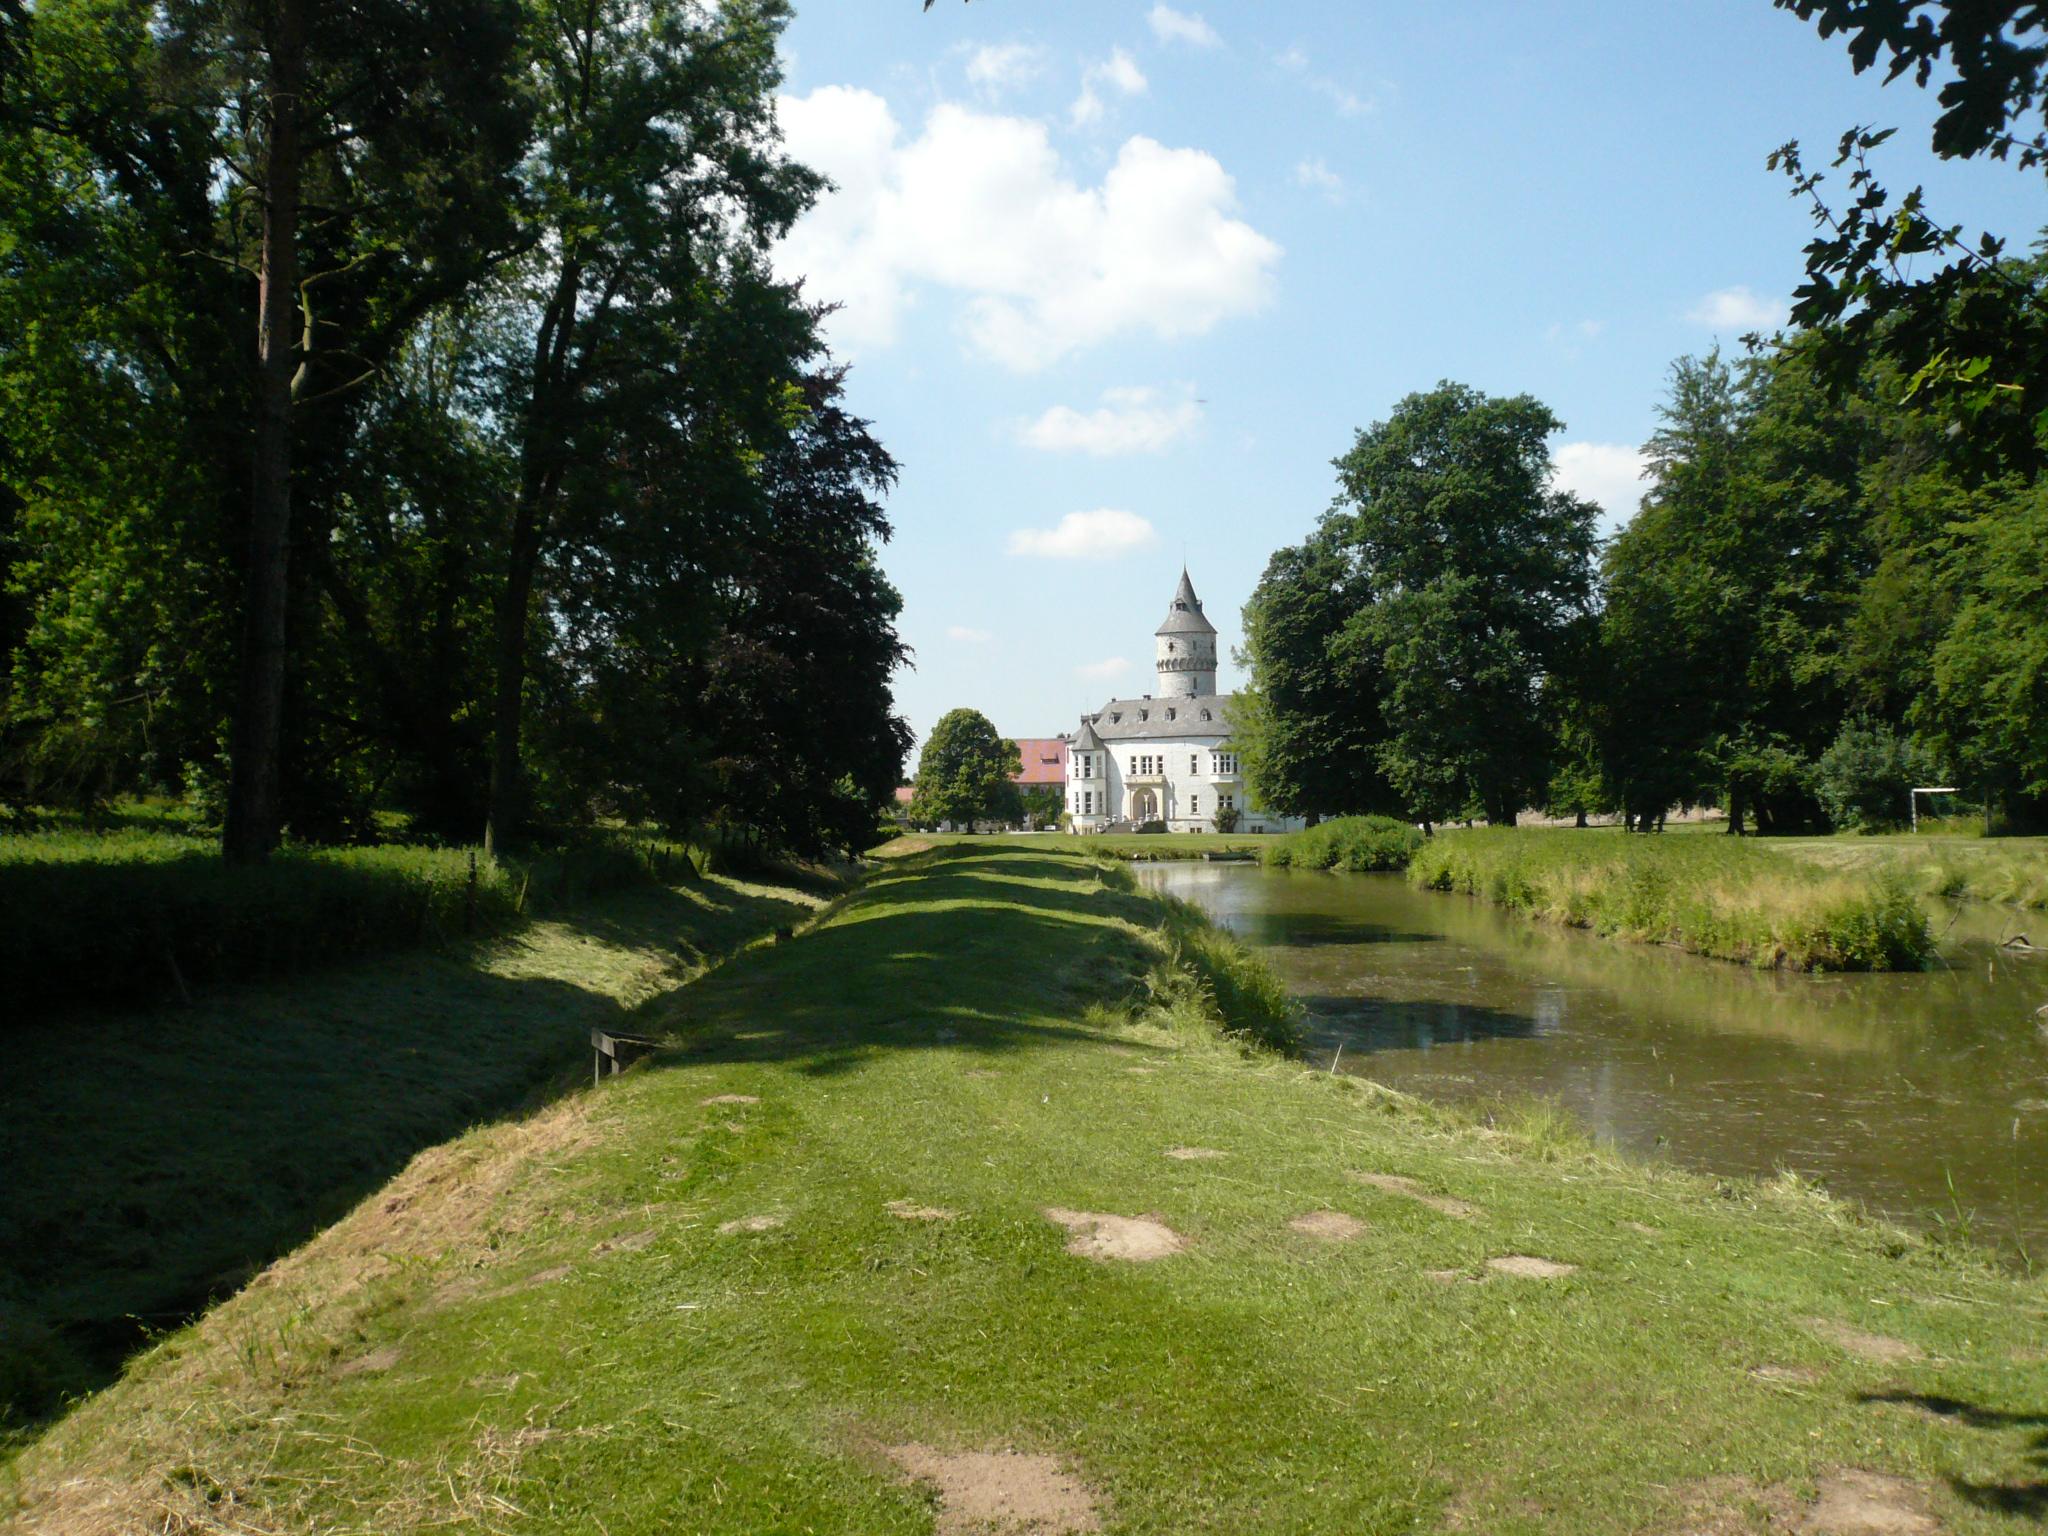 Blick über den Teich auf Schloss Oelber